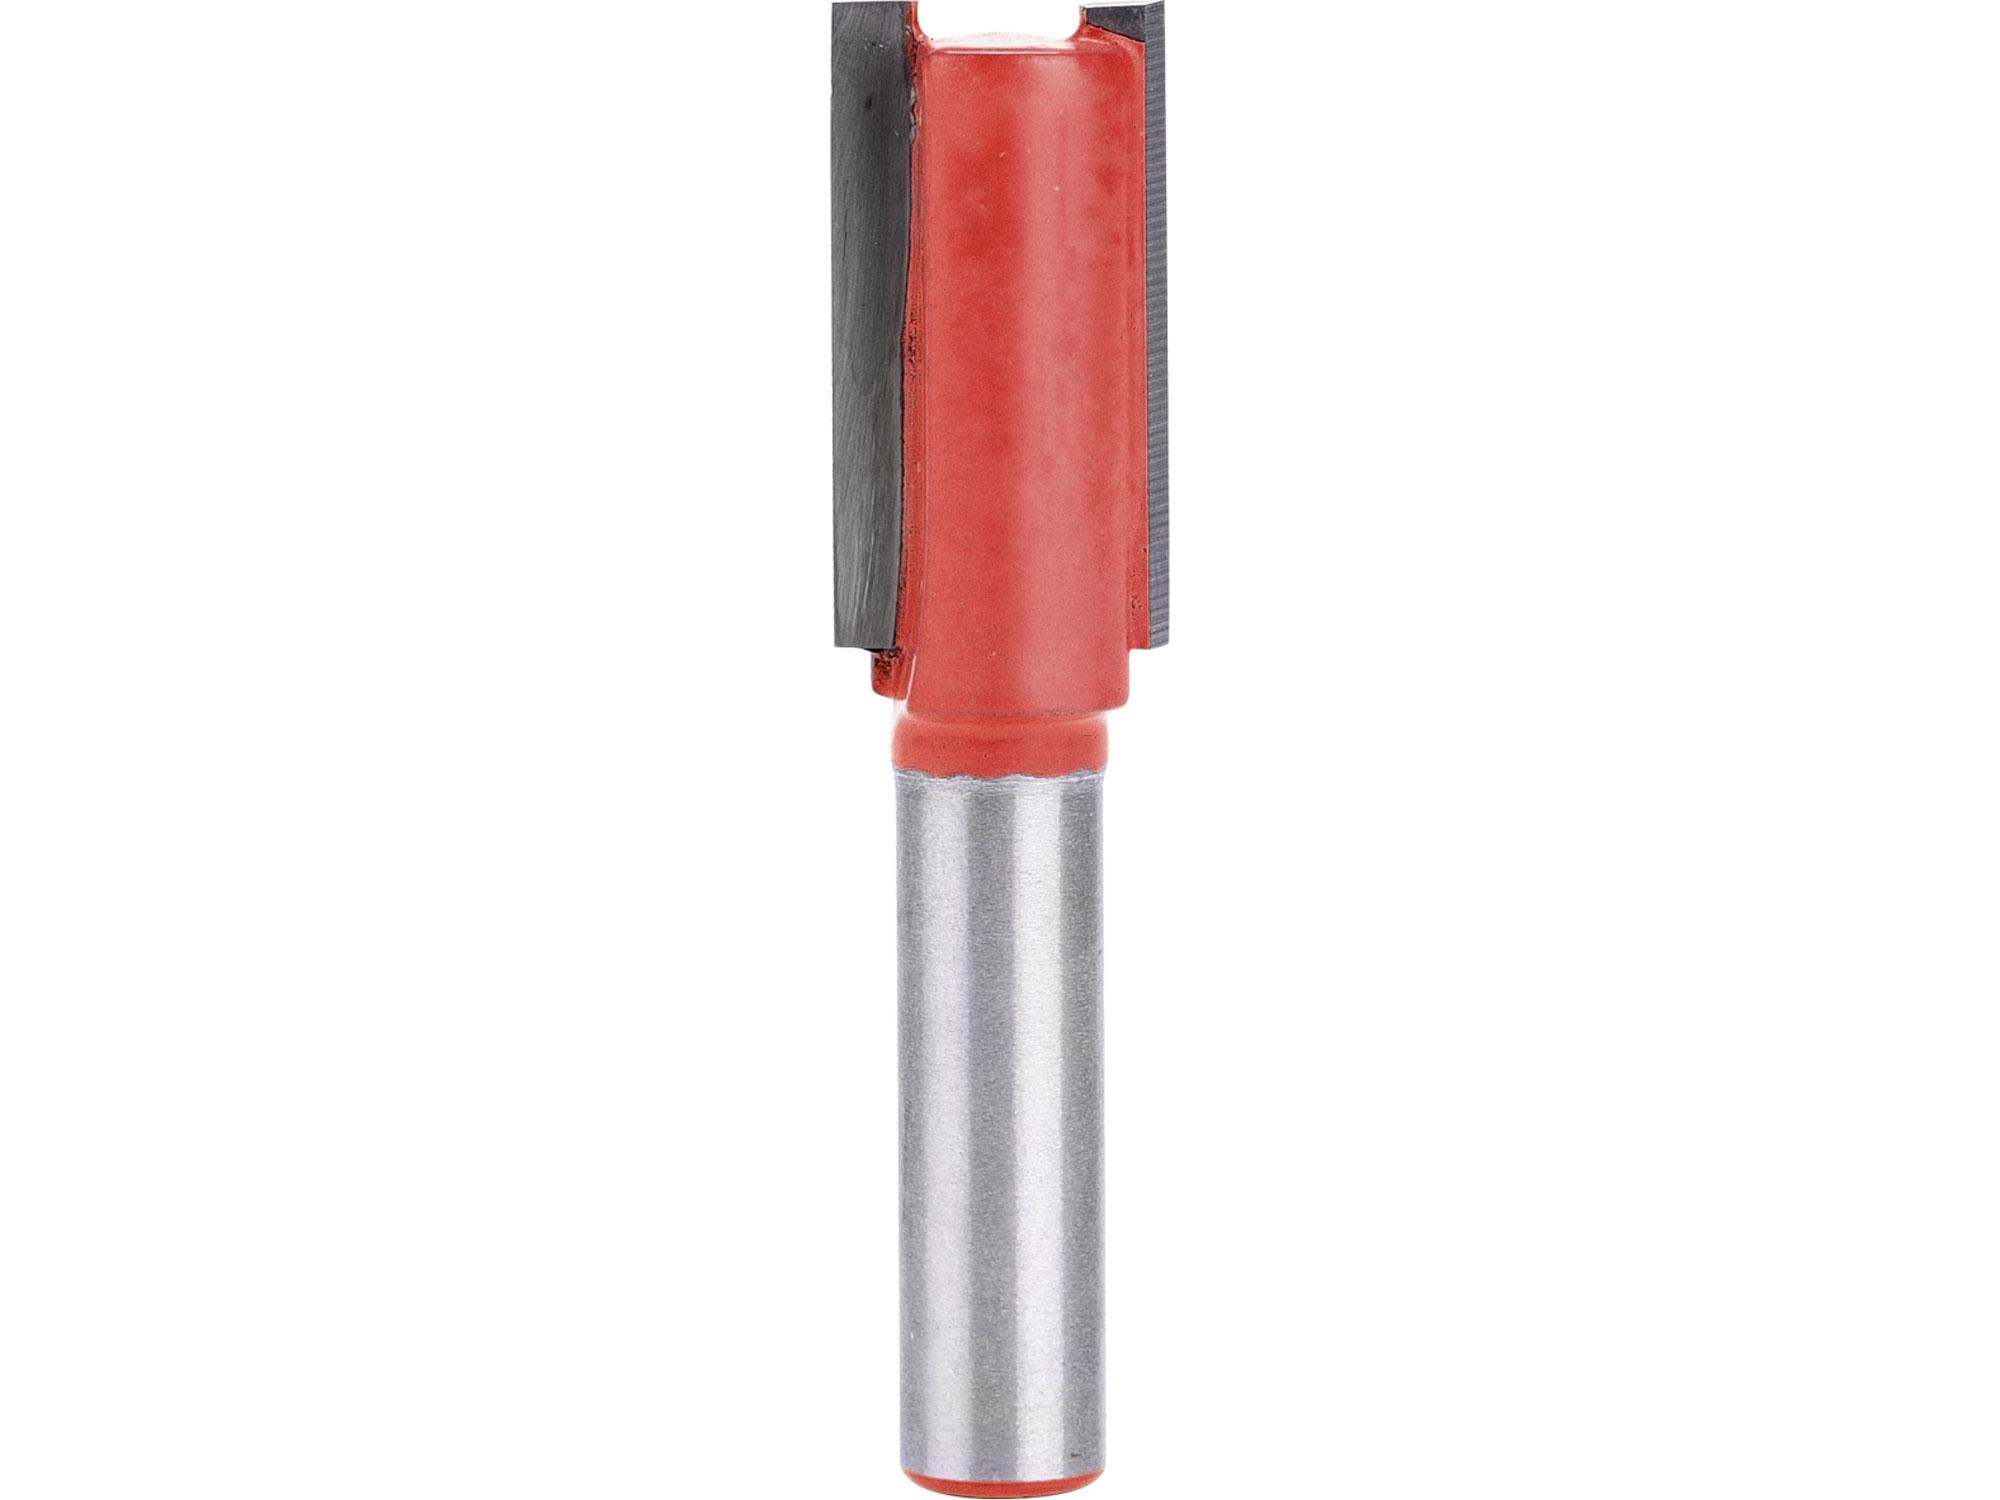 fréza drážkovací do dřeva, D19 x H25; průměr stopky 8mm